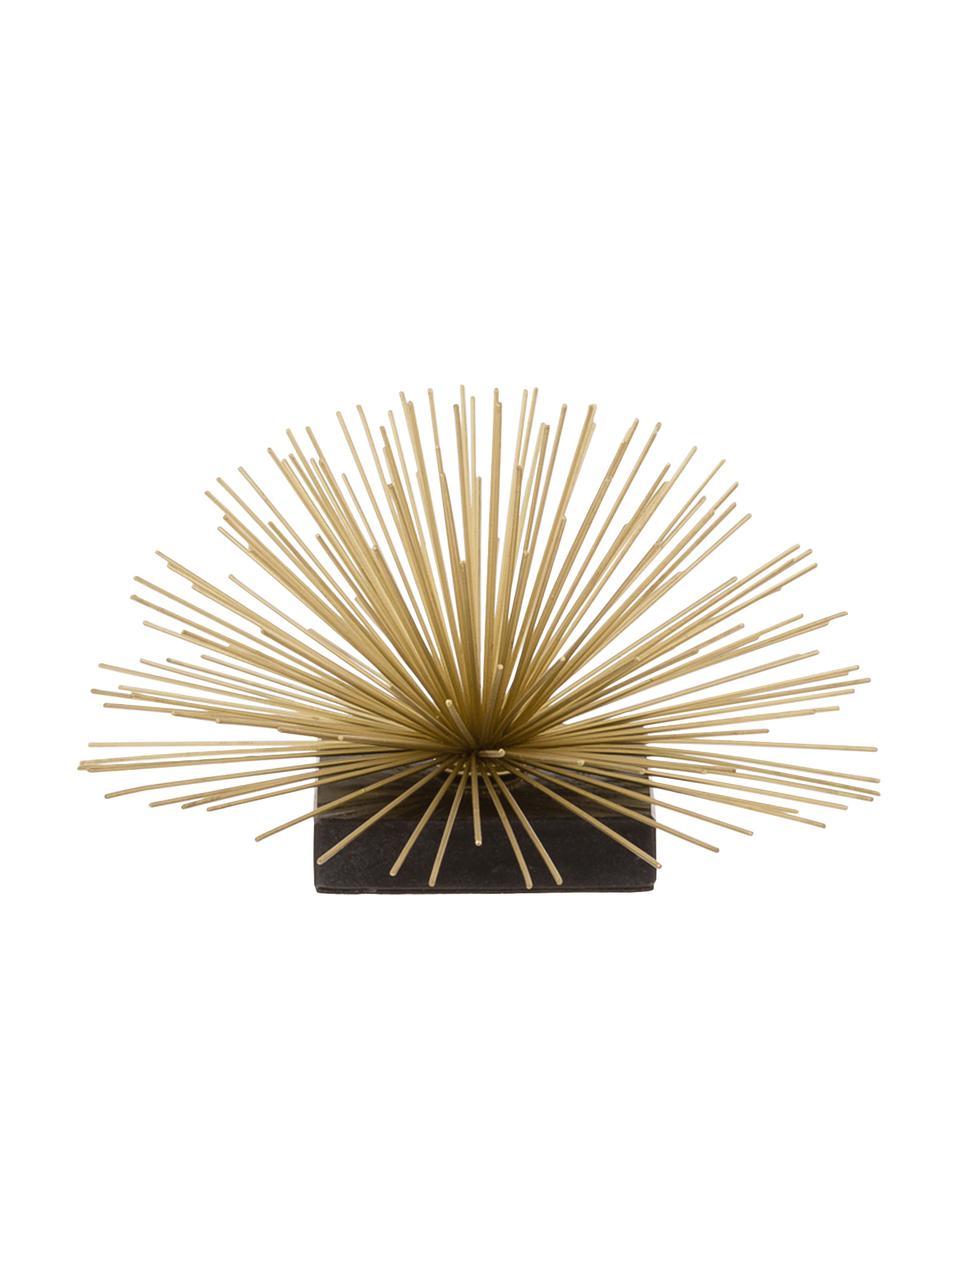 Dekoracja Marburch, Nogi: marmur, Nasada: odcienie złotego Podstawa: czarny marmur, Ø 21 x W 13 cm